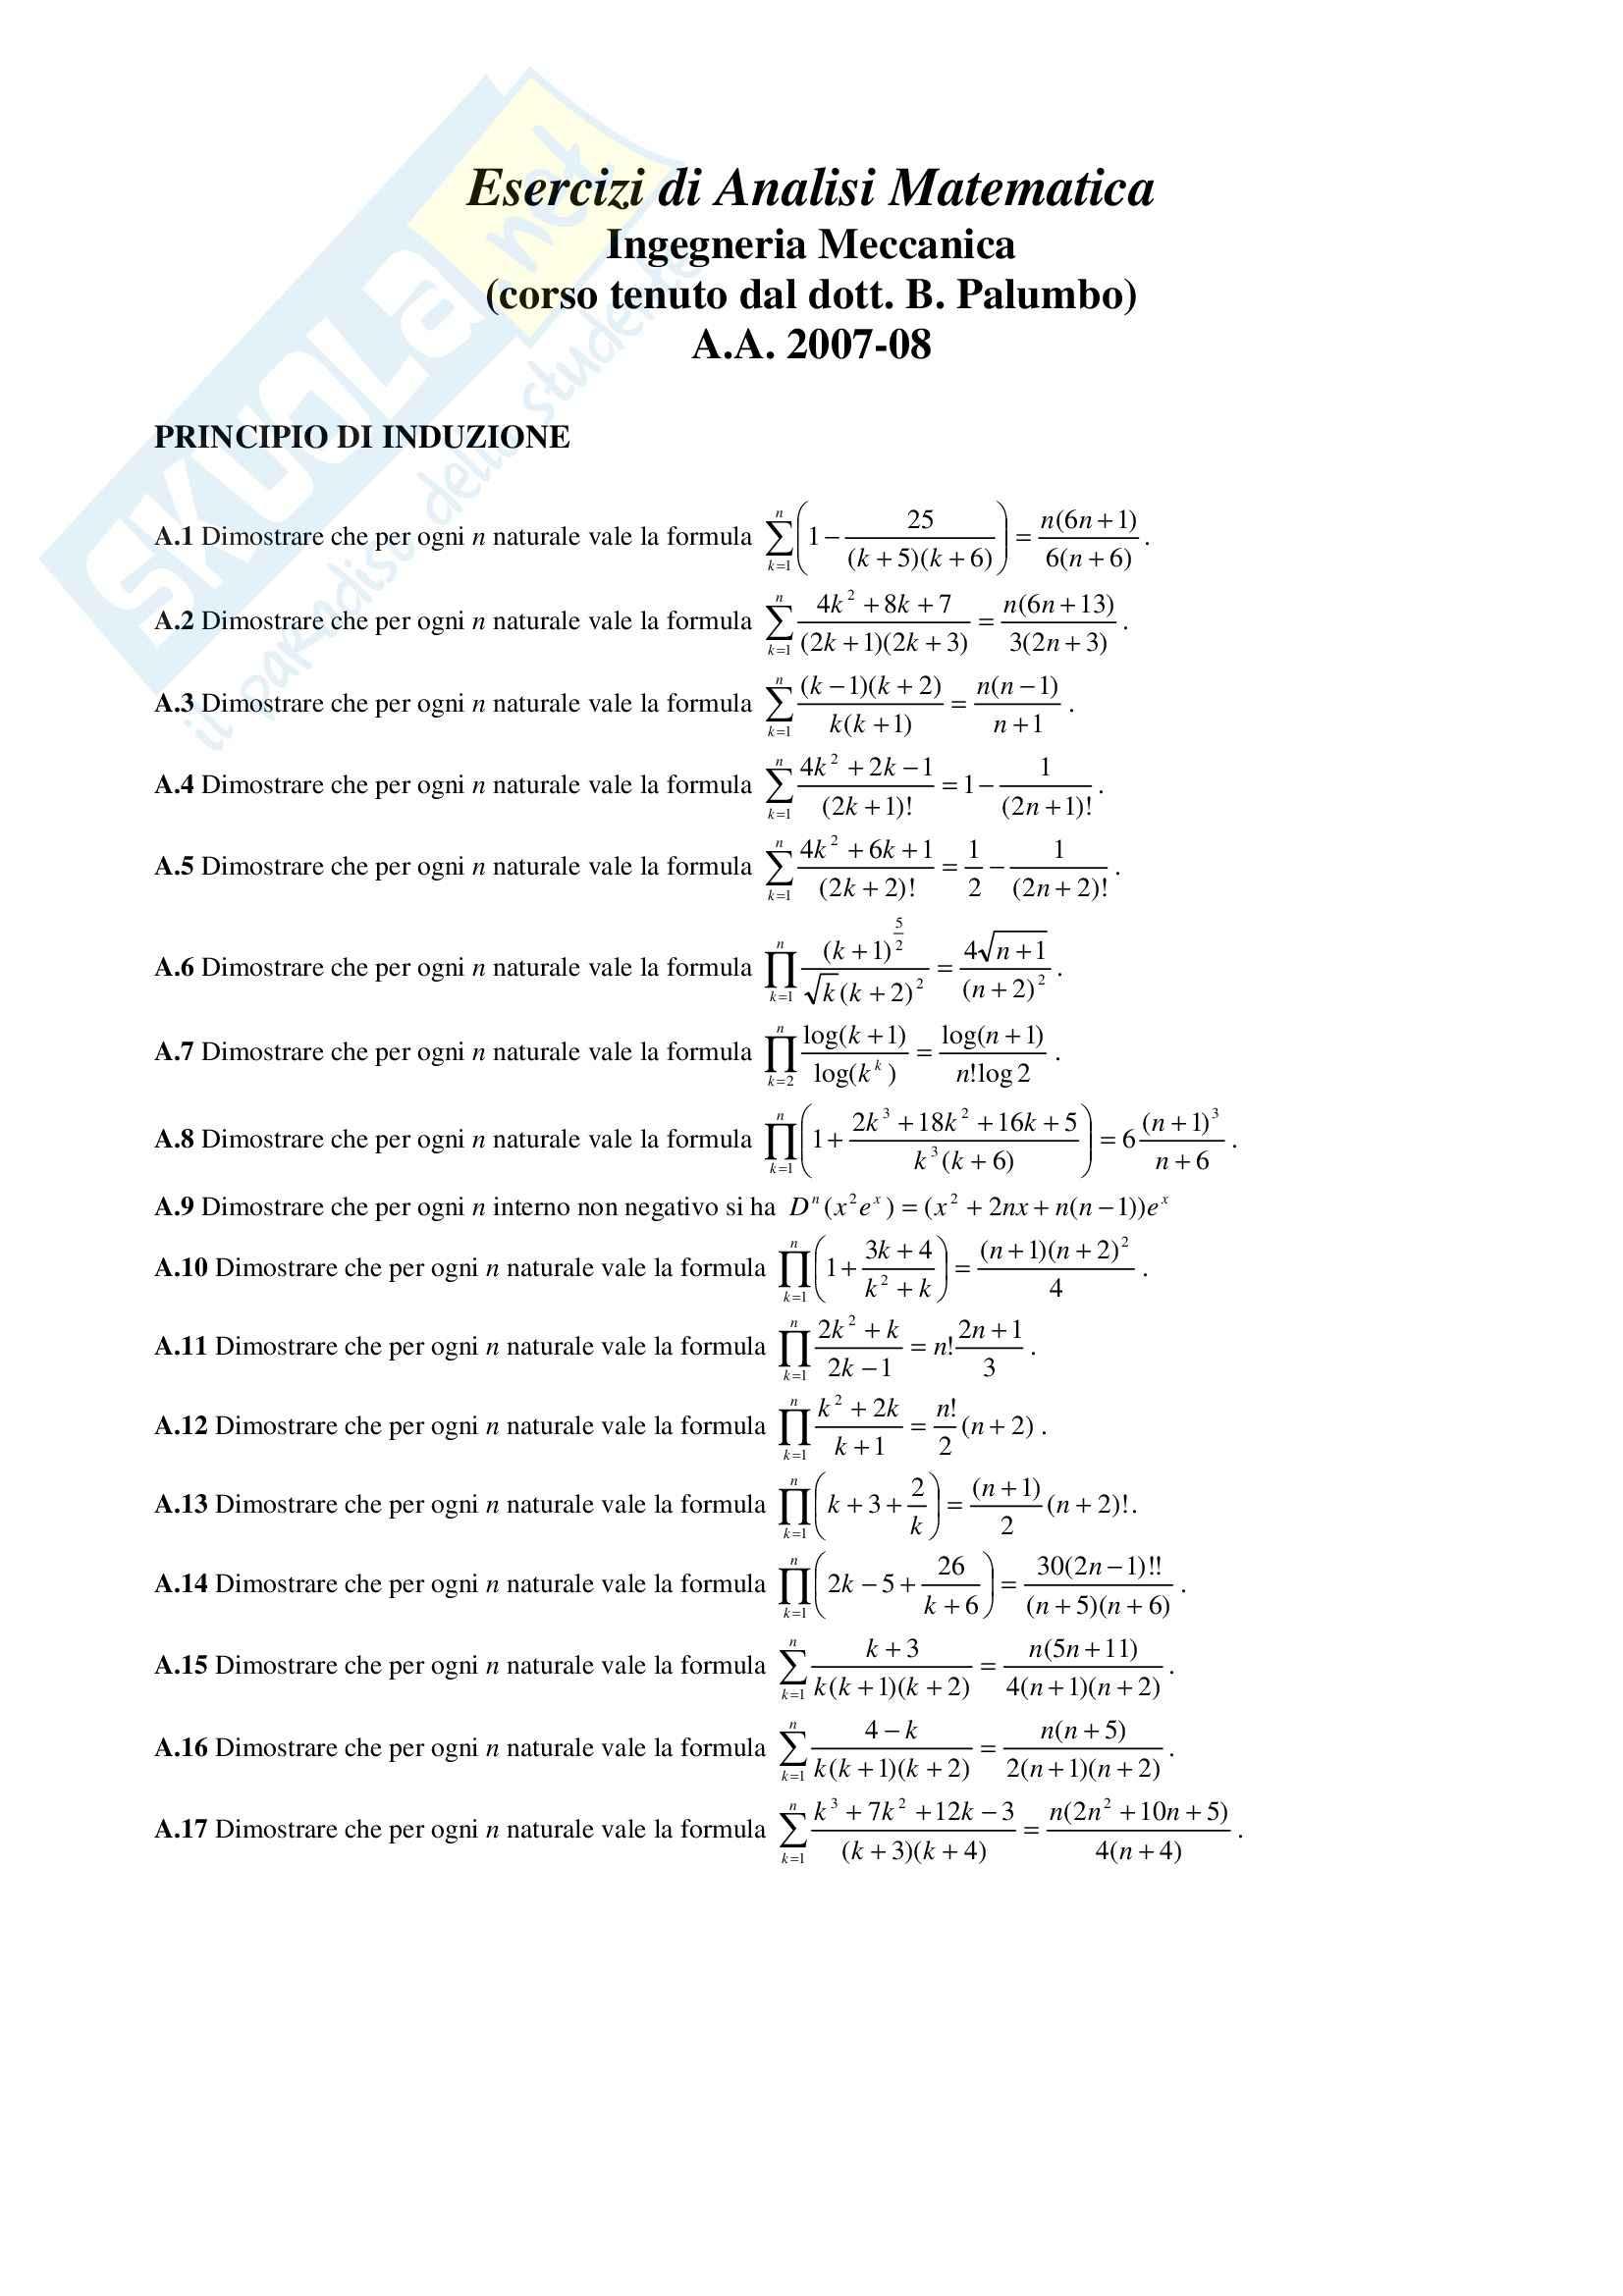 esercitazione B. Palumbo Analisi Matematica